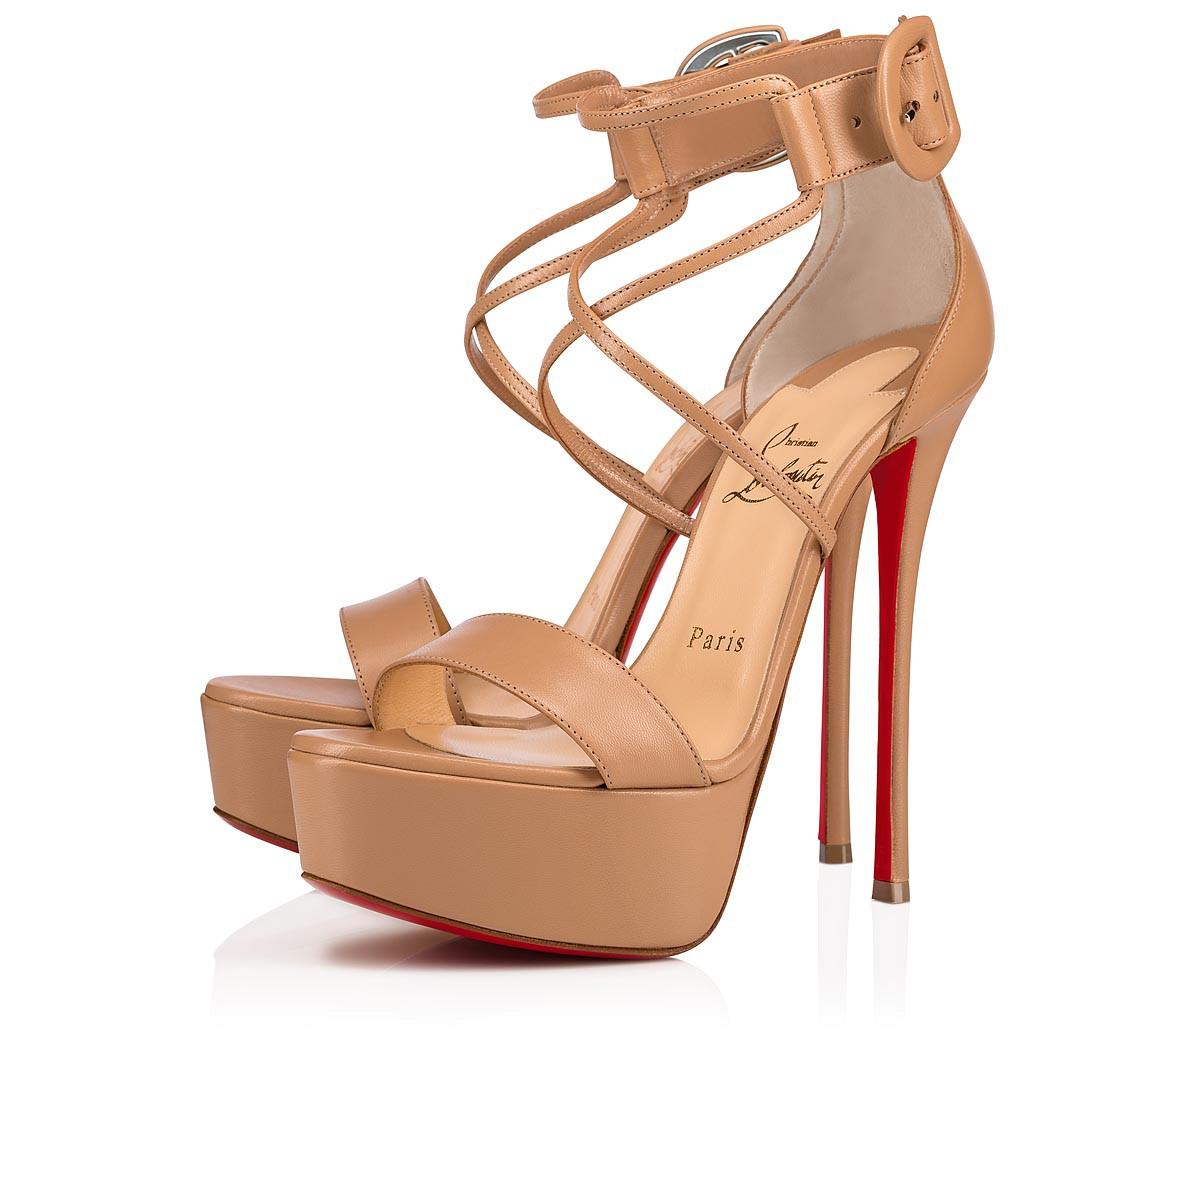 CHOCA 150 NUDE CALF - Women Shoes